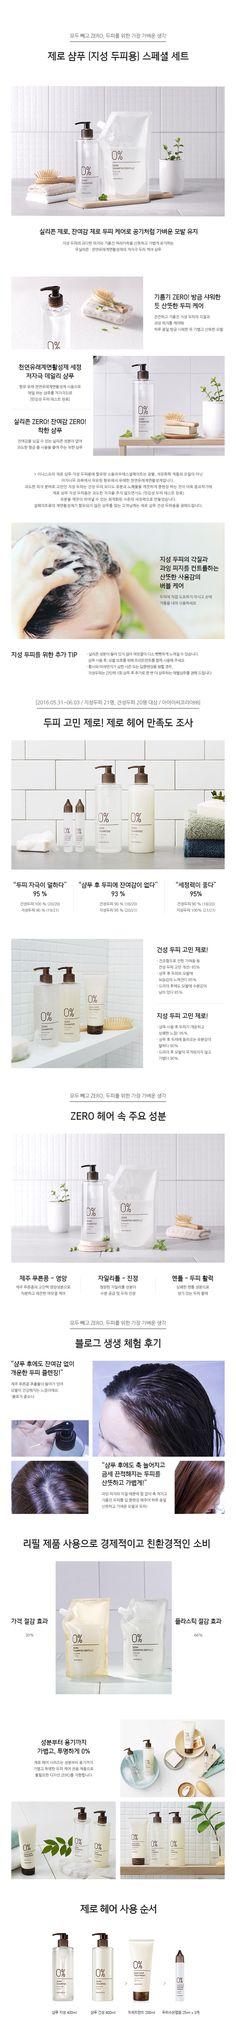 쇼핑하기 > 헤어 > 샴푸 | Natural benefit from Jeju, innisfree